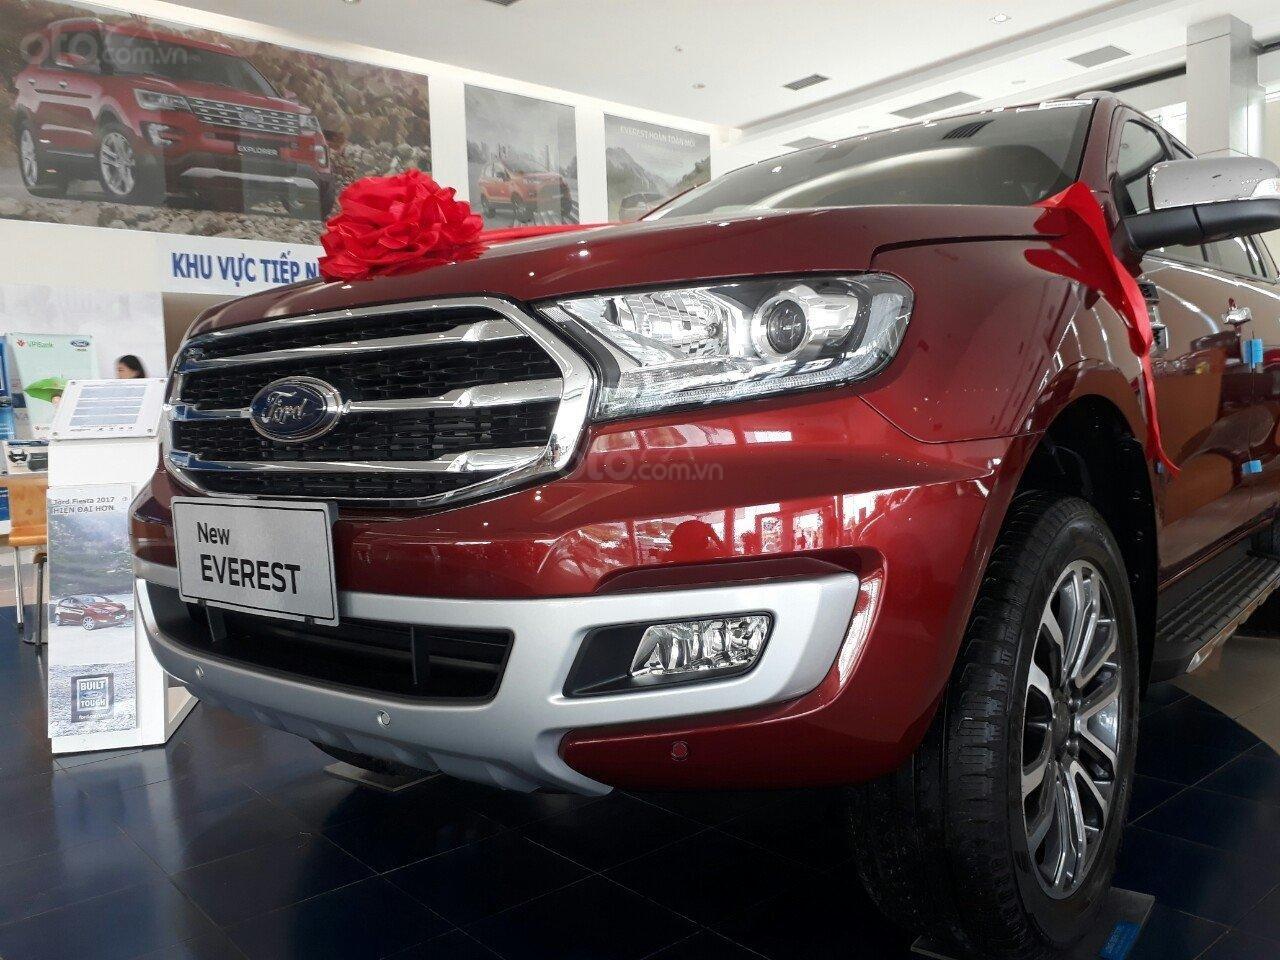 An Đô Ford bán Ford Everest Titanium 2.0 nhập năm 2019, giá tốt nhất thị trường, tặng full phụ kiện, LH 0974286009 (3)